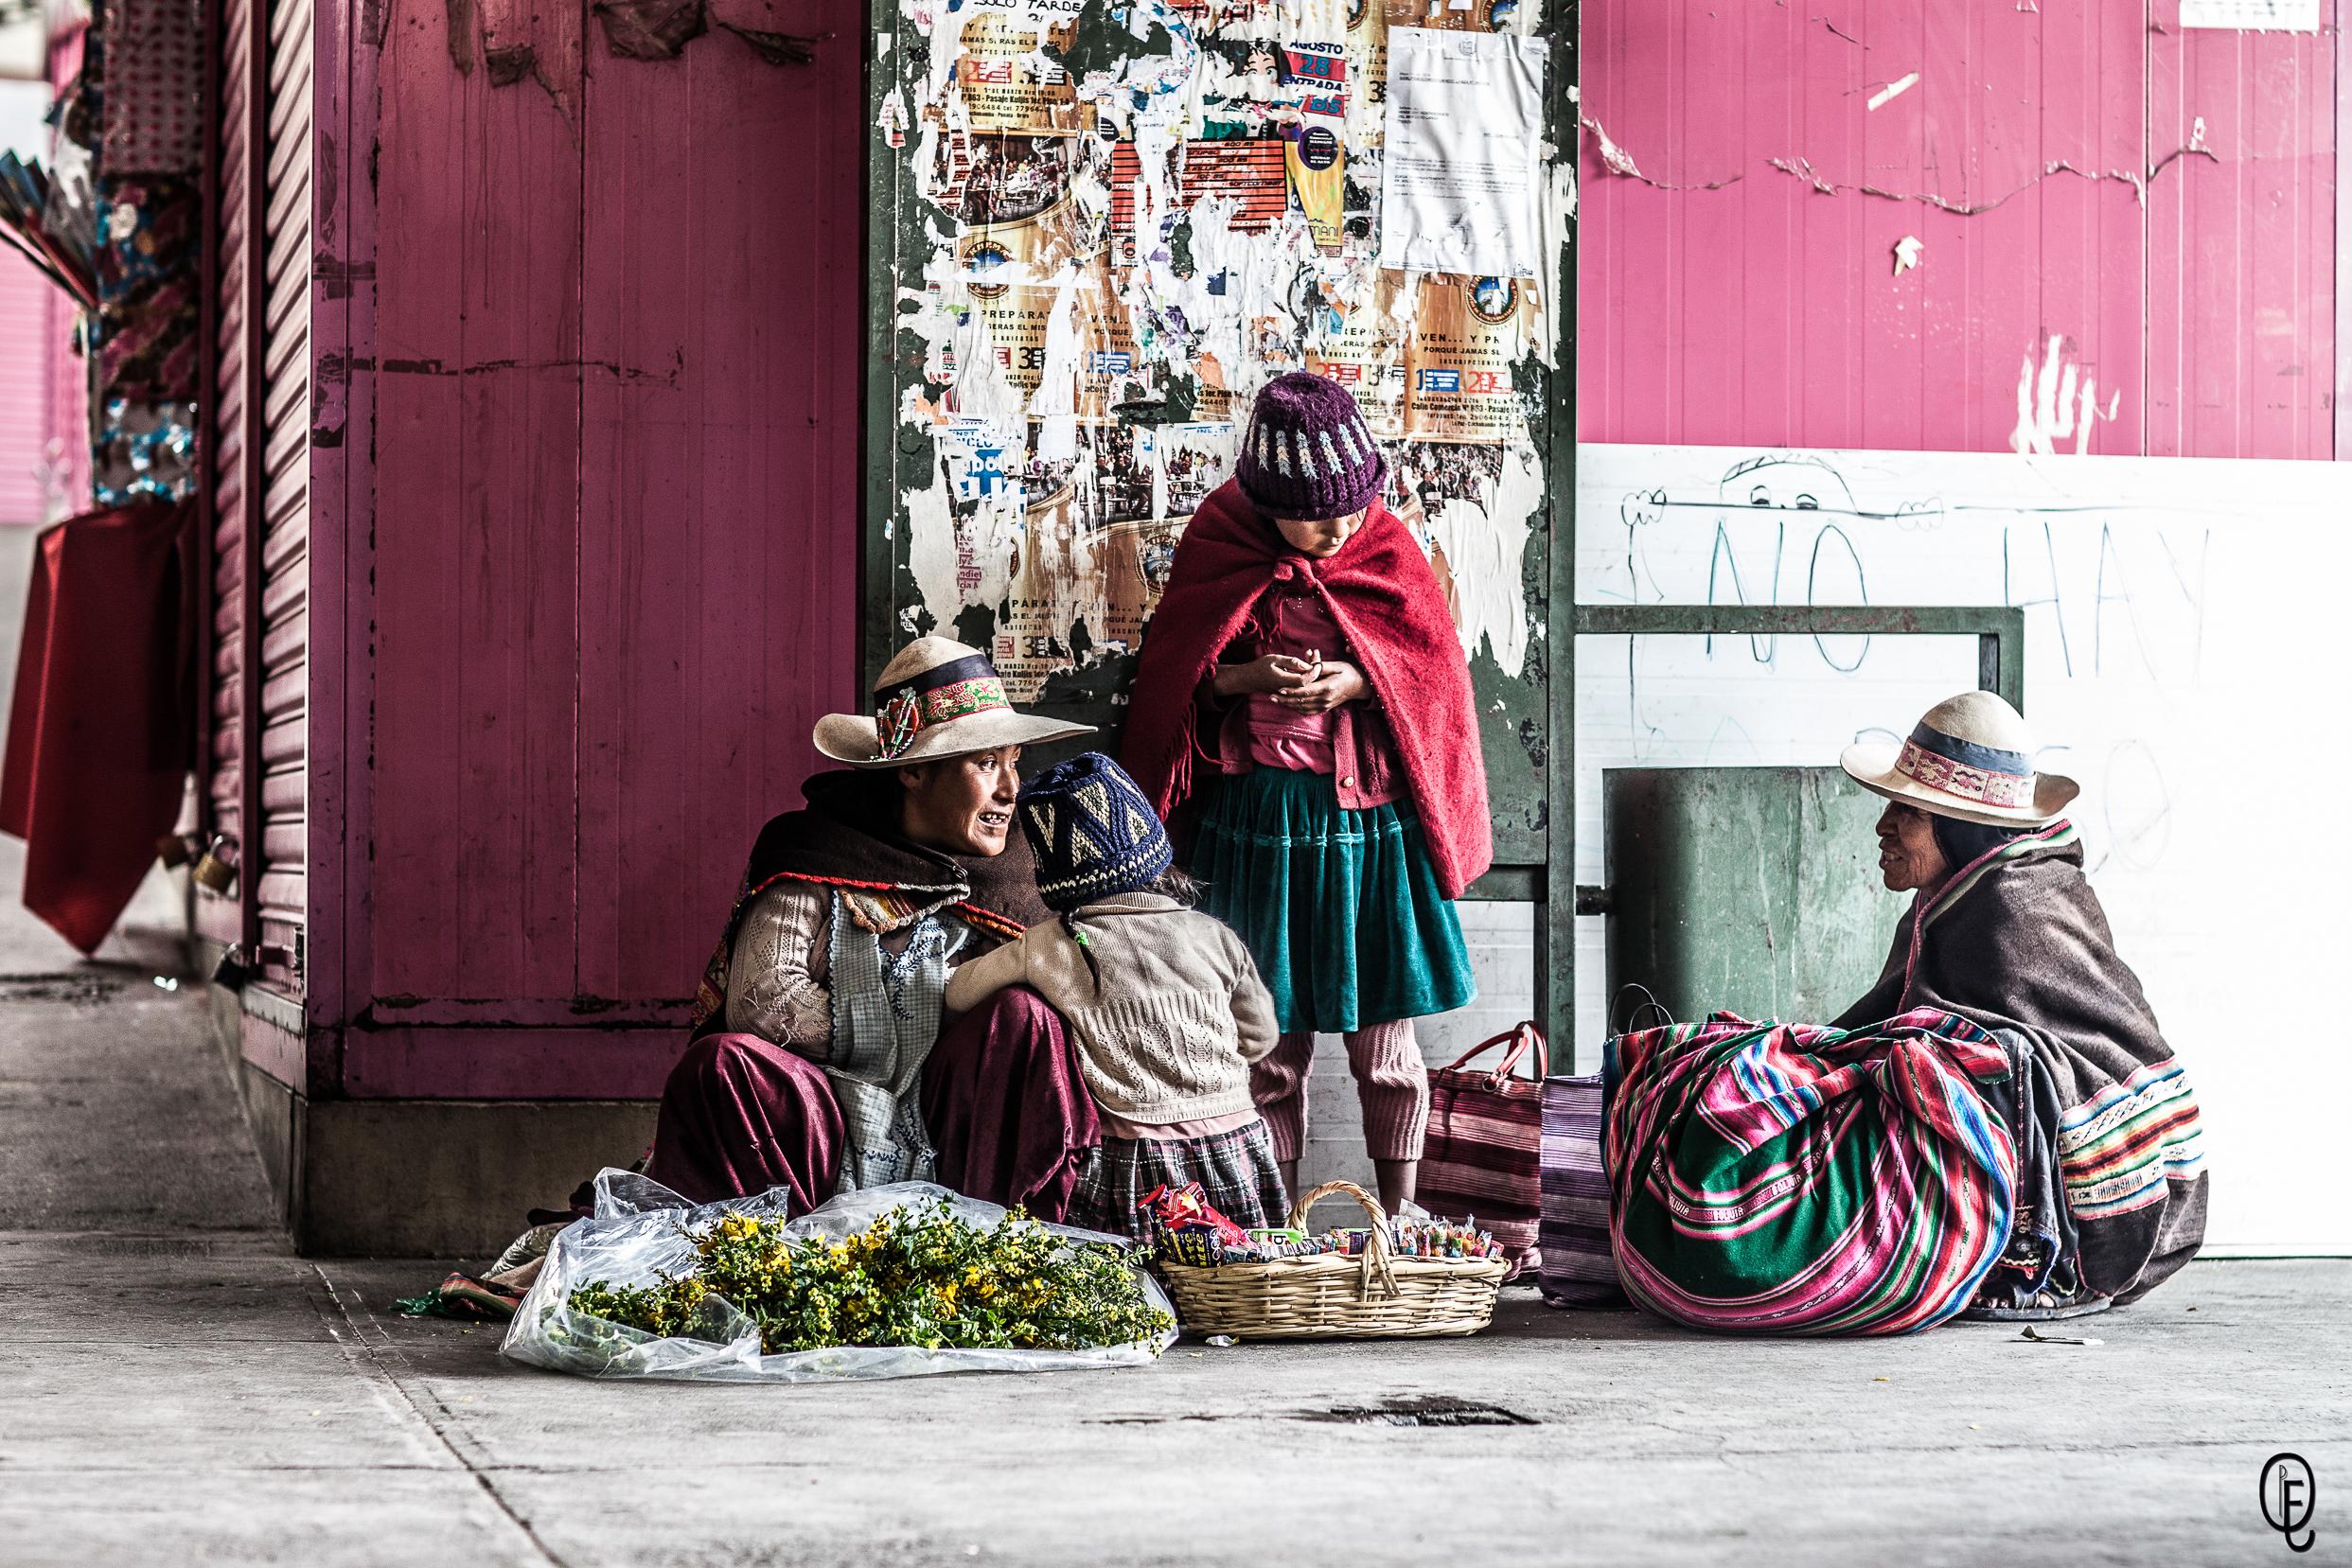 Photographe nantes. Photo de voyage. Exposition Photo. Nantes.